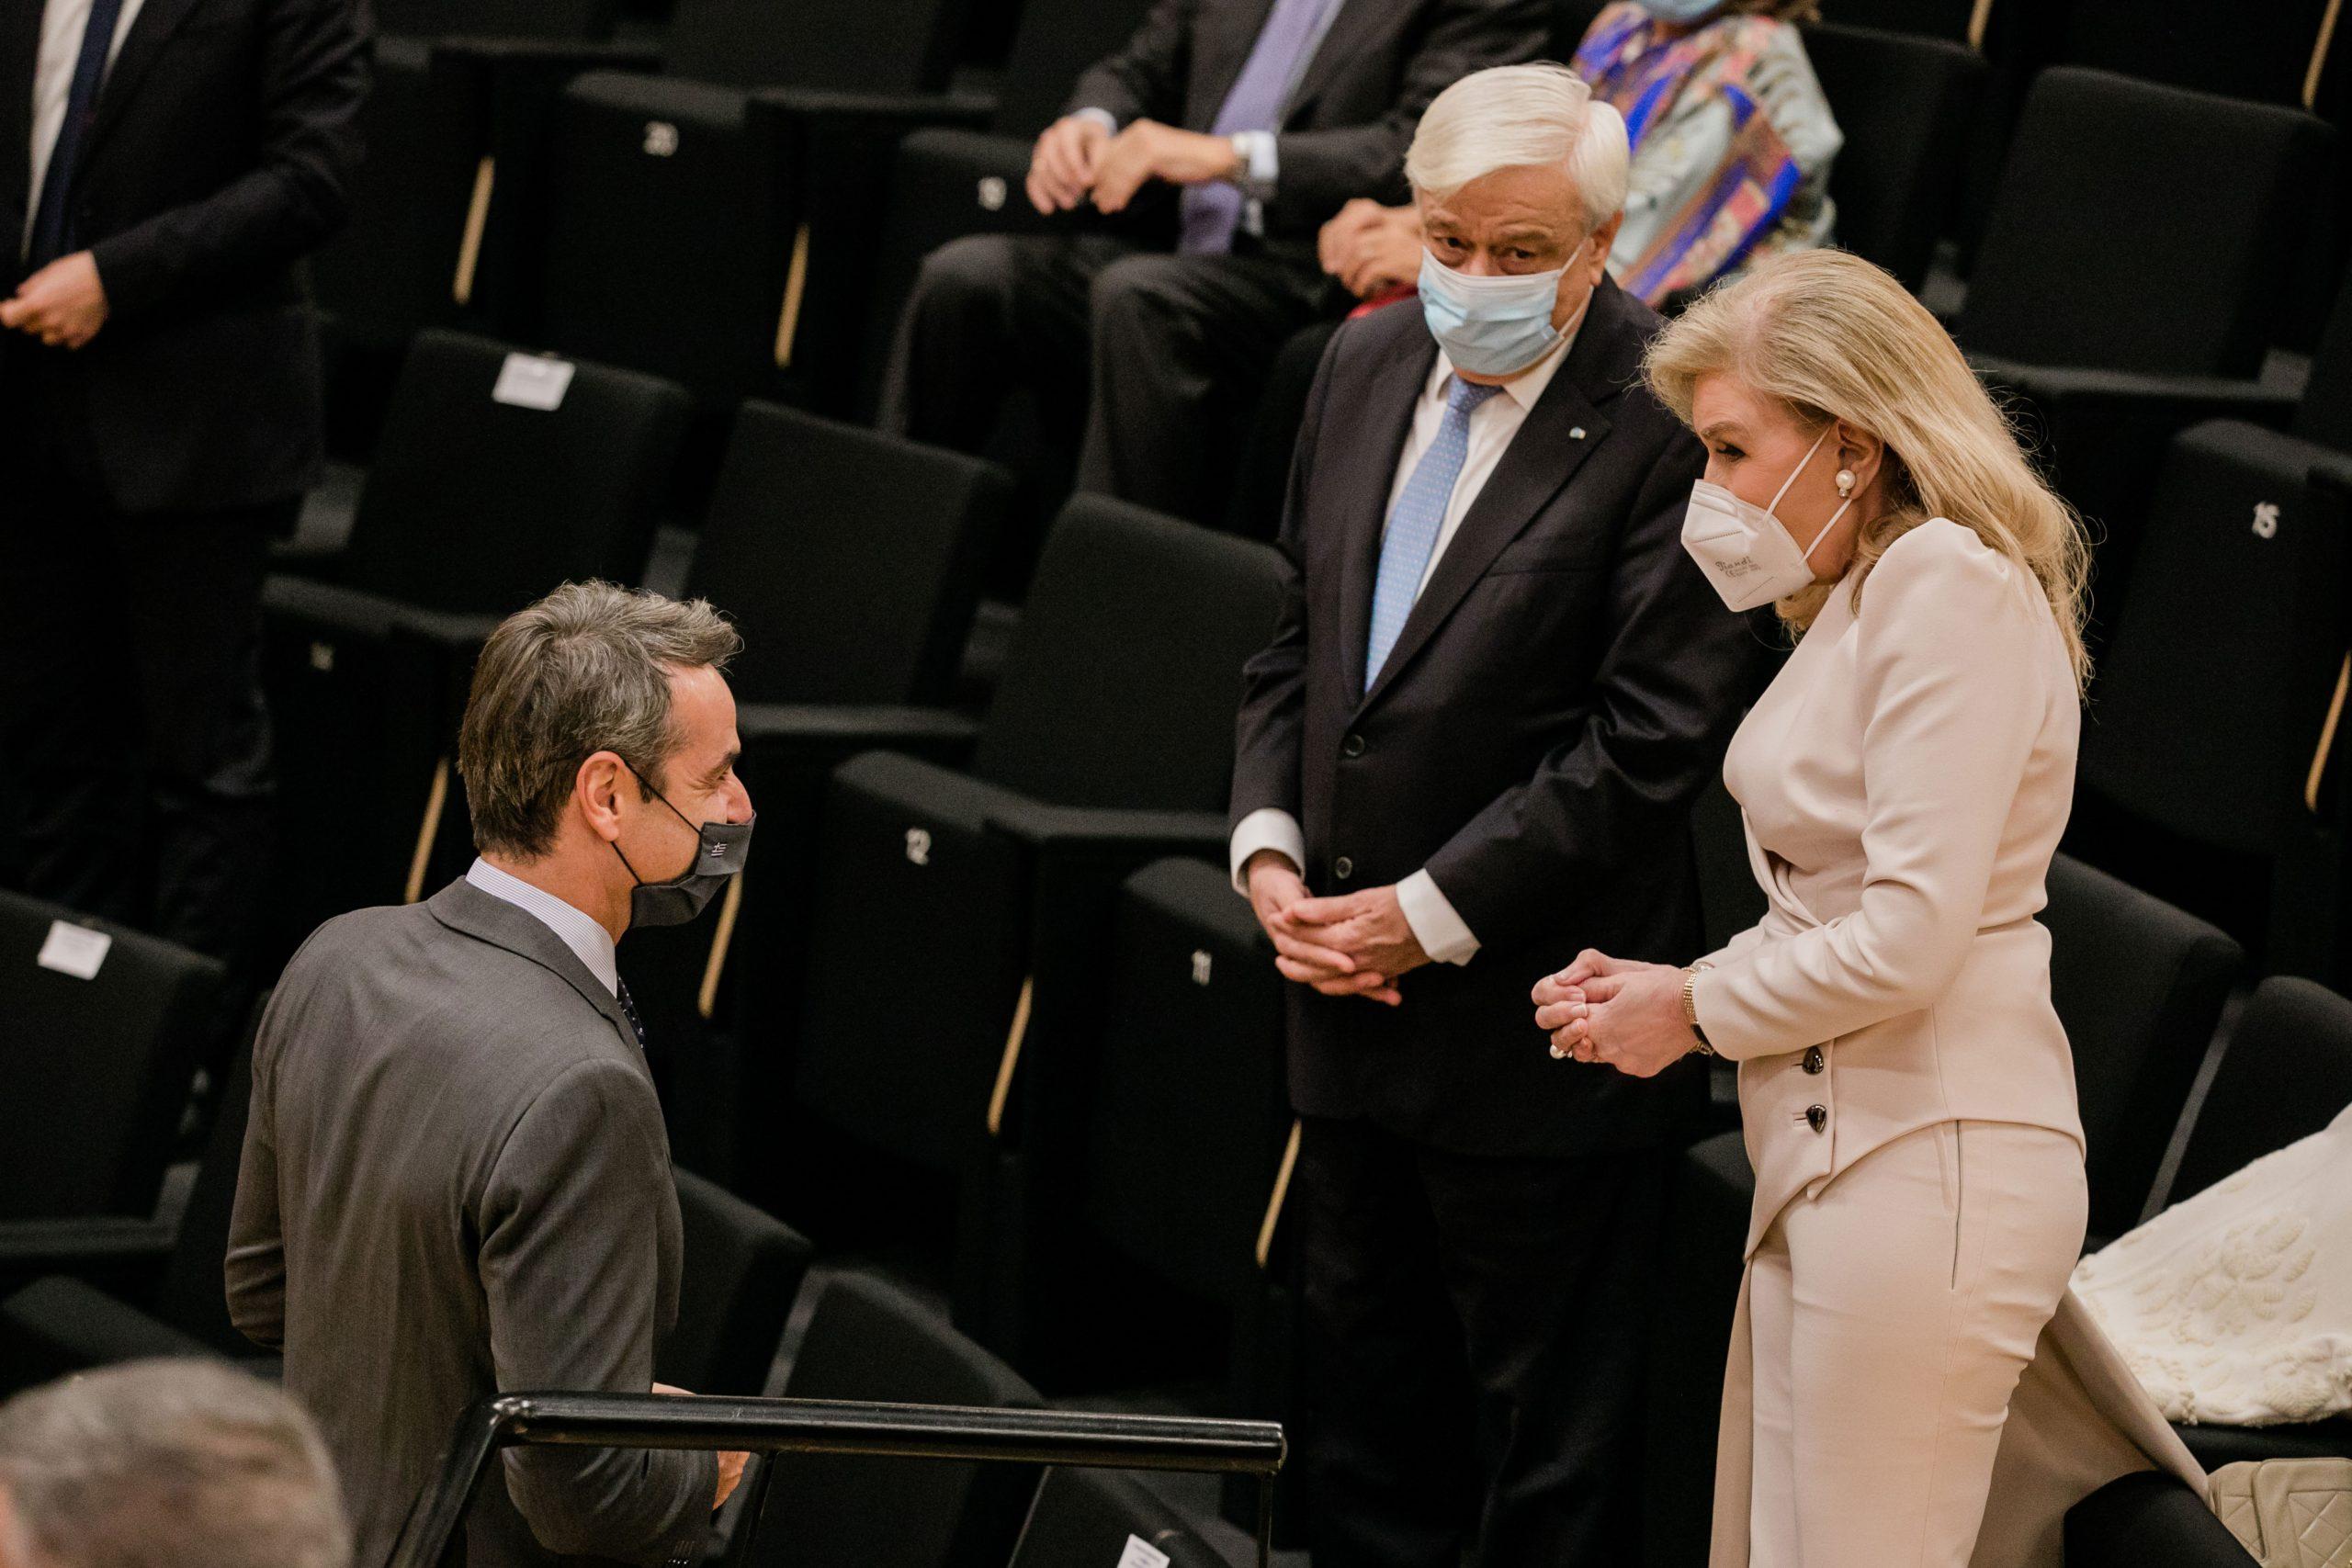 Μαριάννα Β. Βαρδινογιάννη: Ν. Αναστασιάδης ένας πολιτικός με όραμα και αξίες, με βαθιά αγάπη για την πατρίδα του